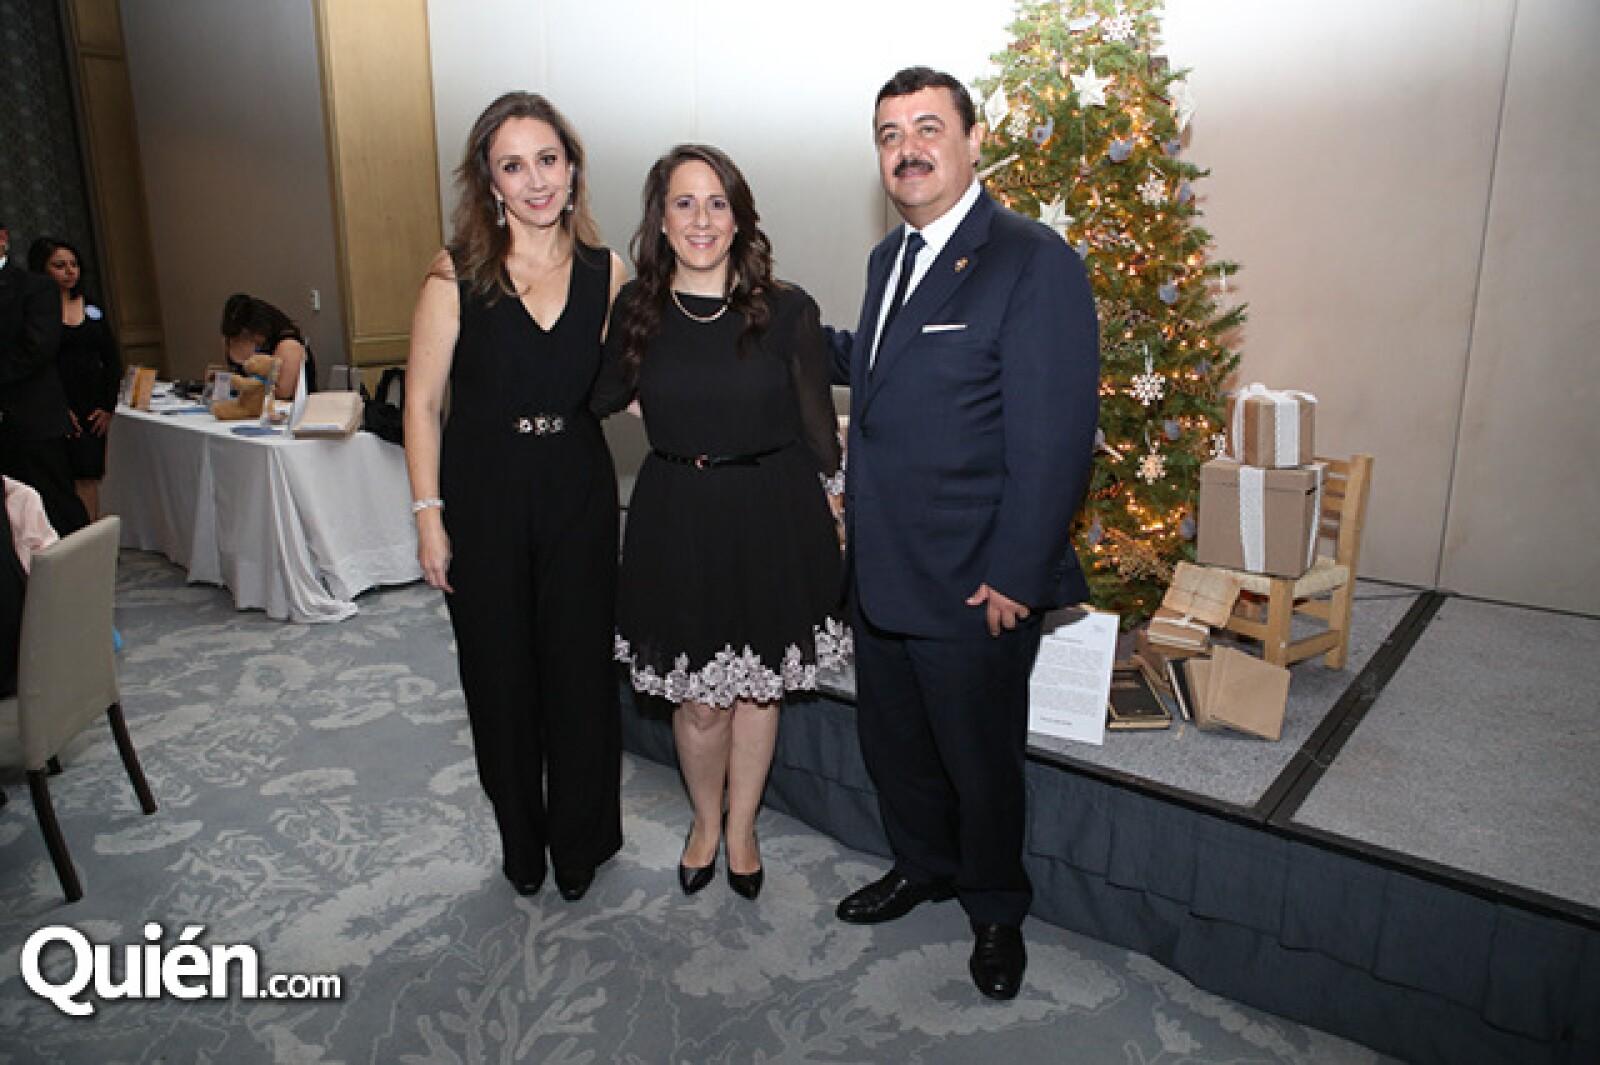 Renata Olvera,Paola Berger e Hiram Almeira